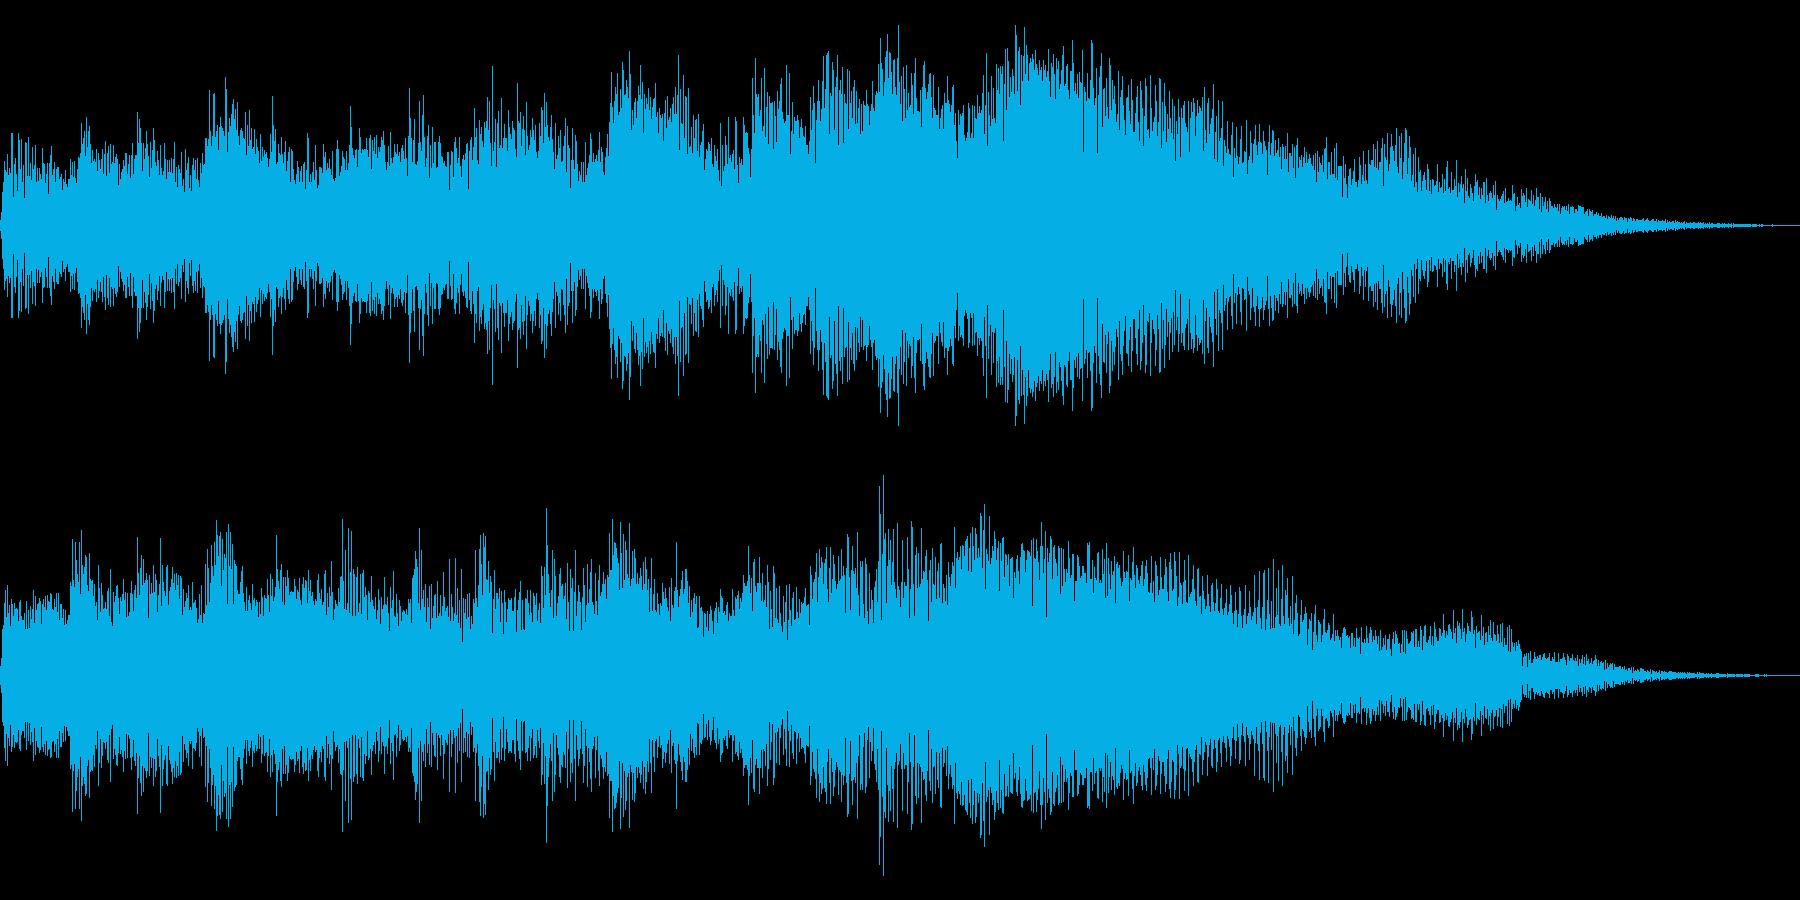 クリーンギターのアルペジオ 場面転換の再生済みの波形